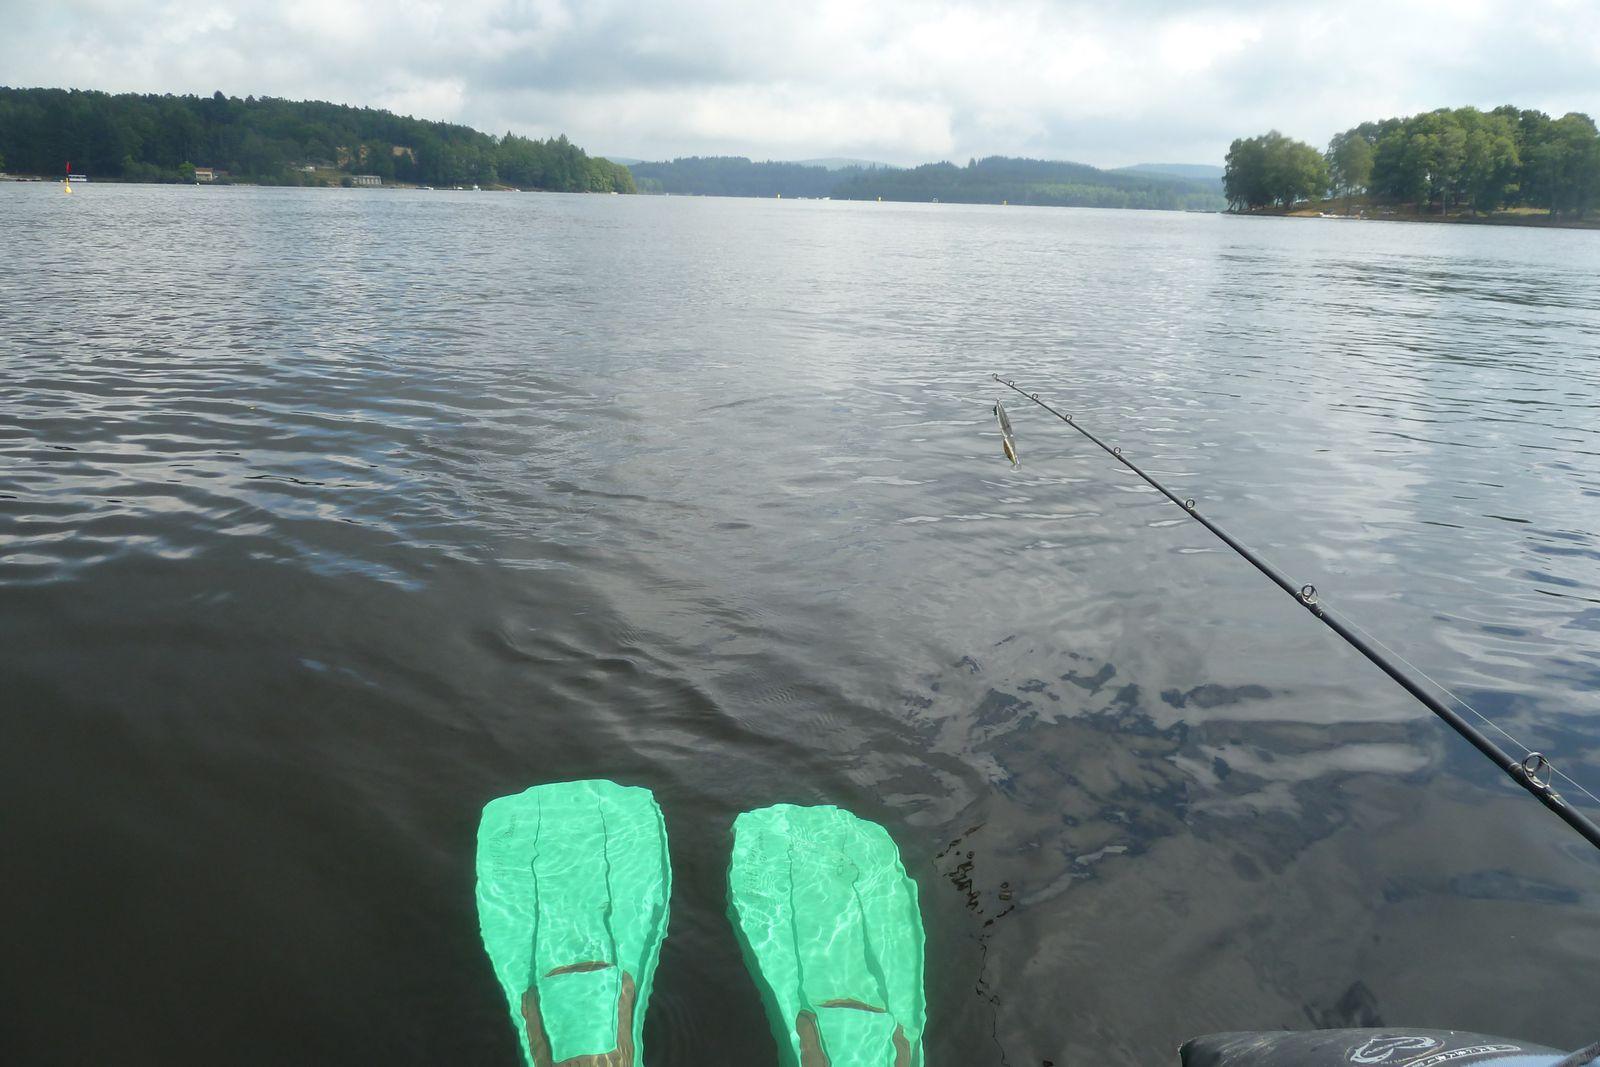 Pêche en float tube à Vassivière